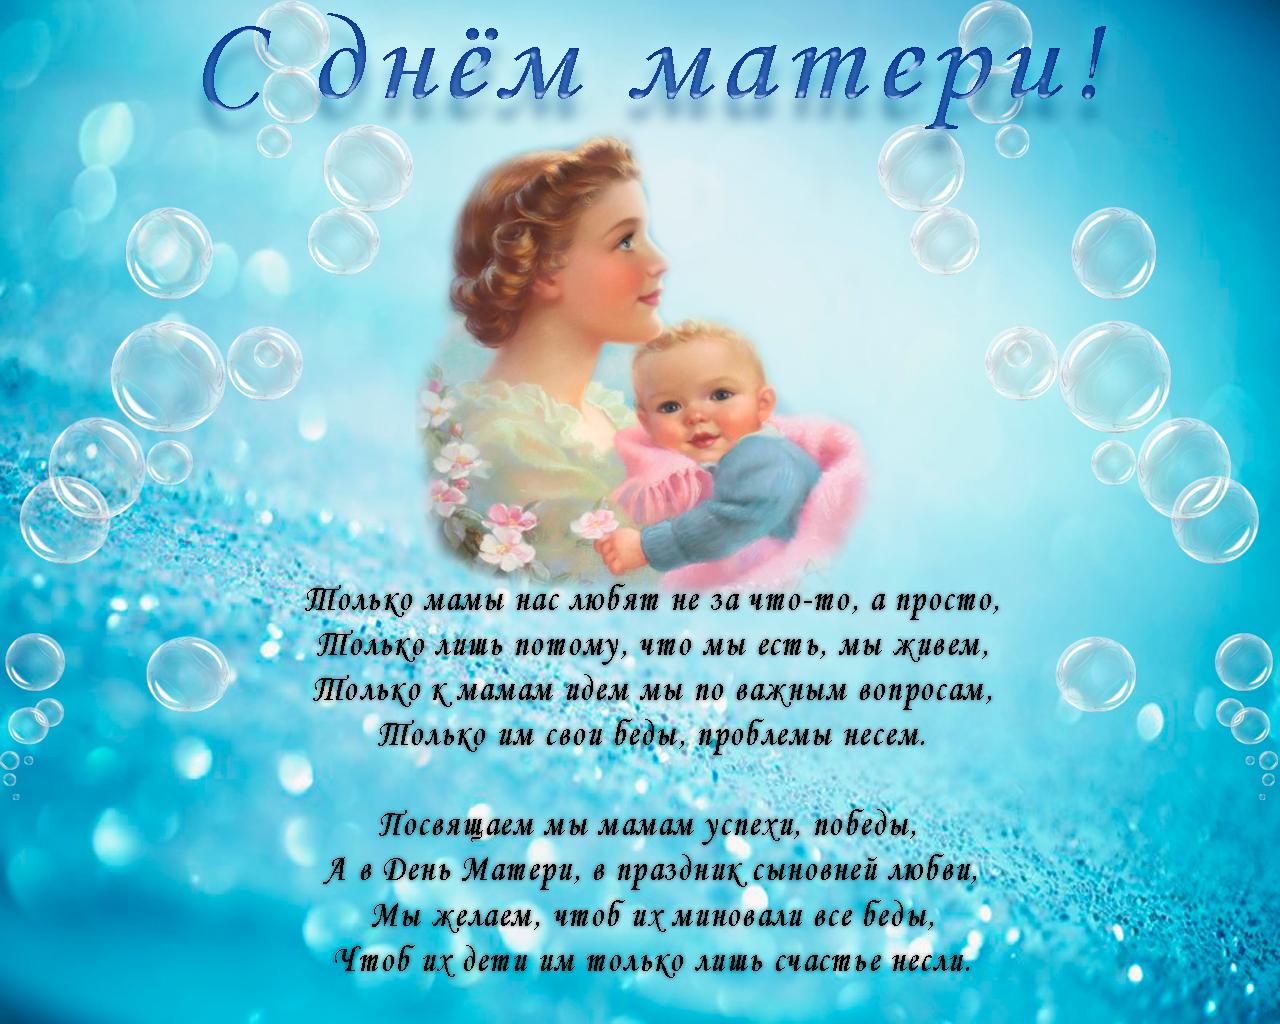 Поздравления вам с днем матери